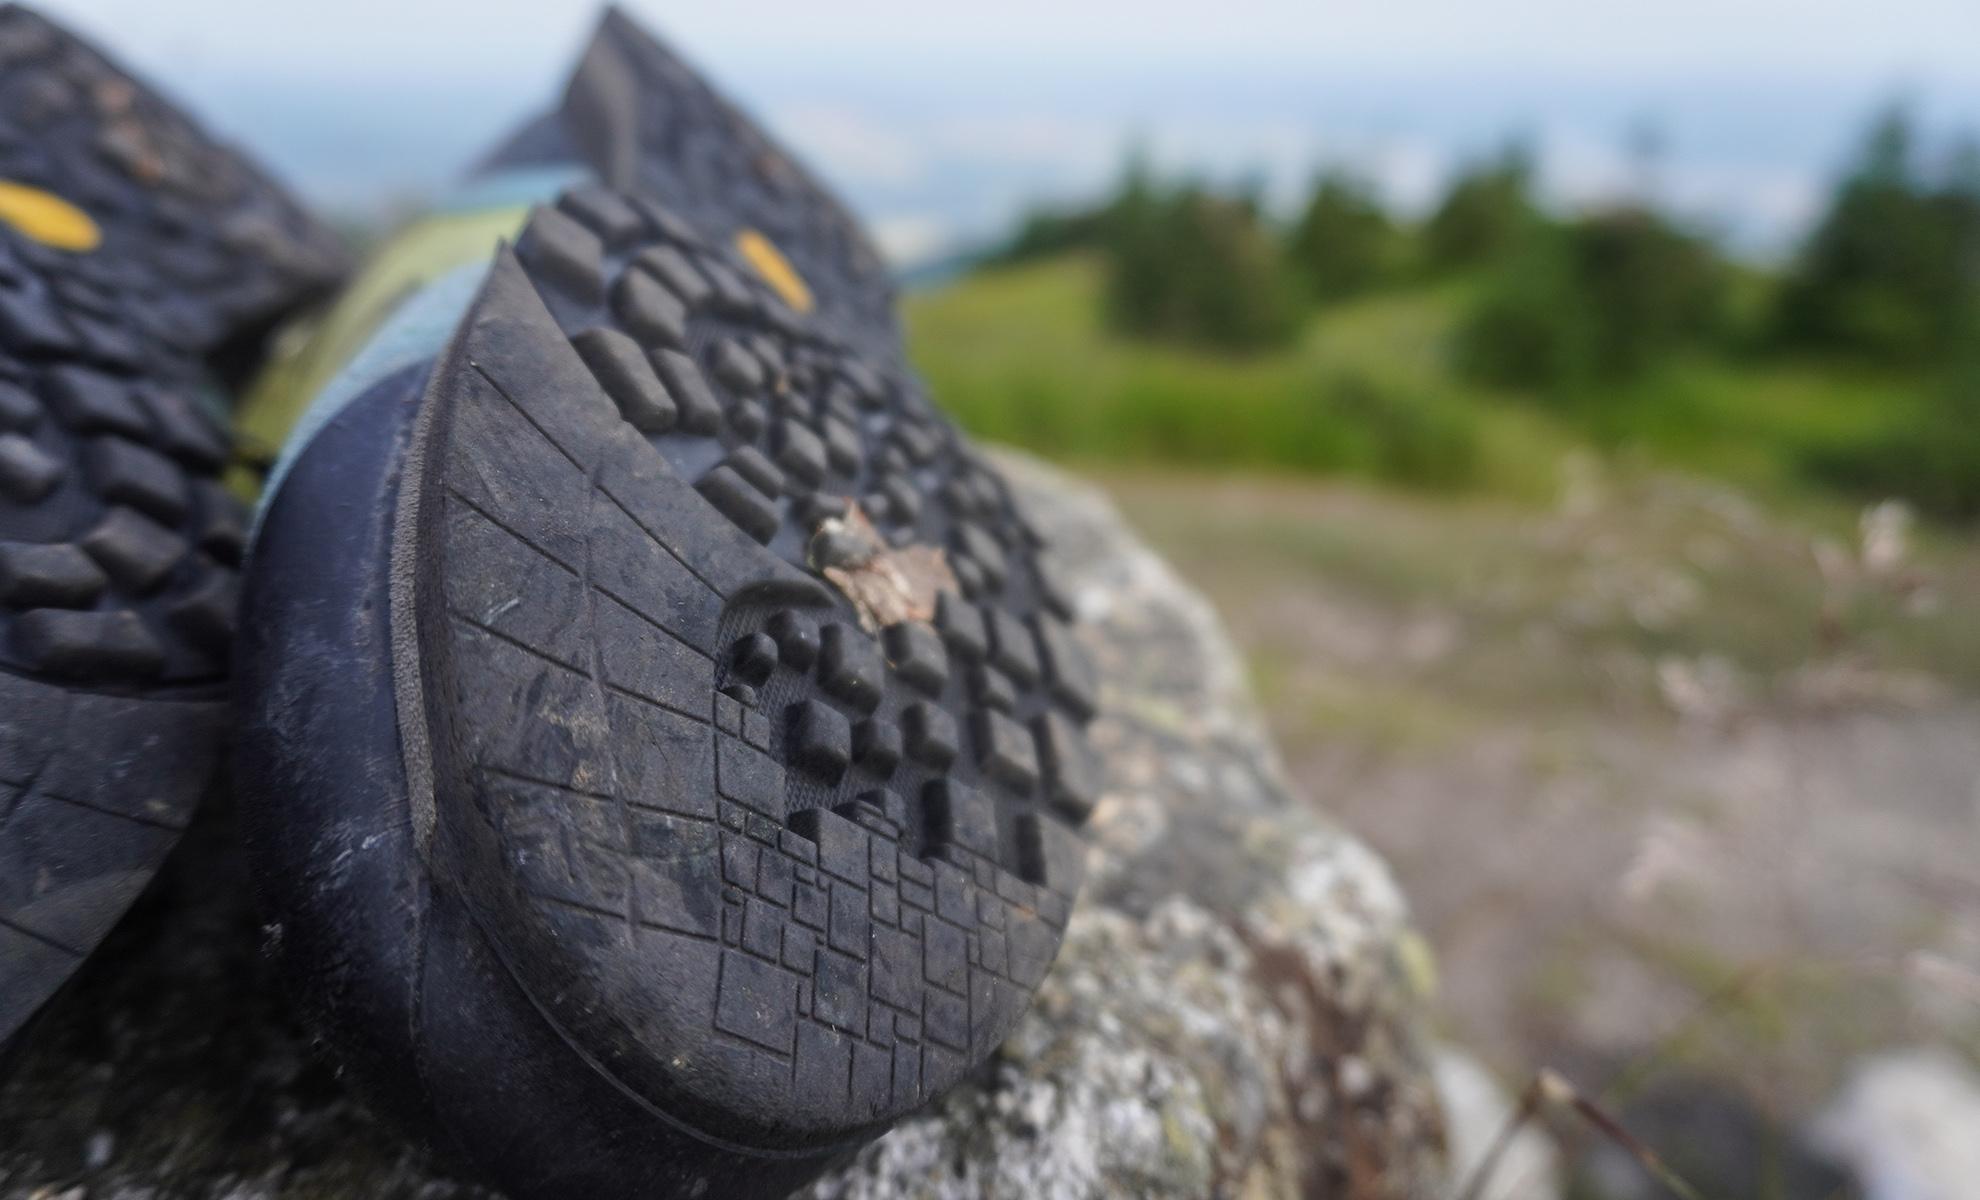 Bosp Grifit trekingové veľmi univerzálnu vibramovú podrážku | recenzia